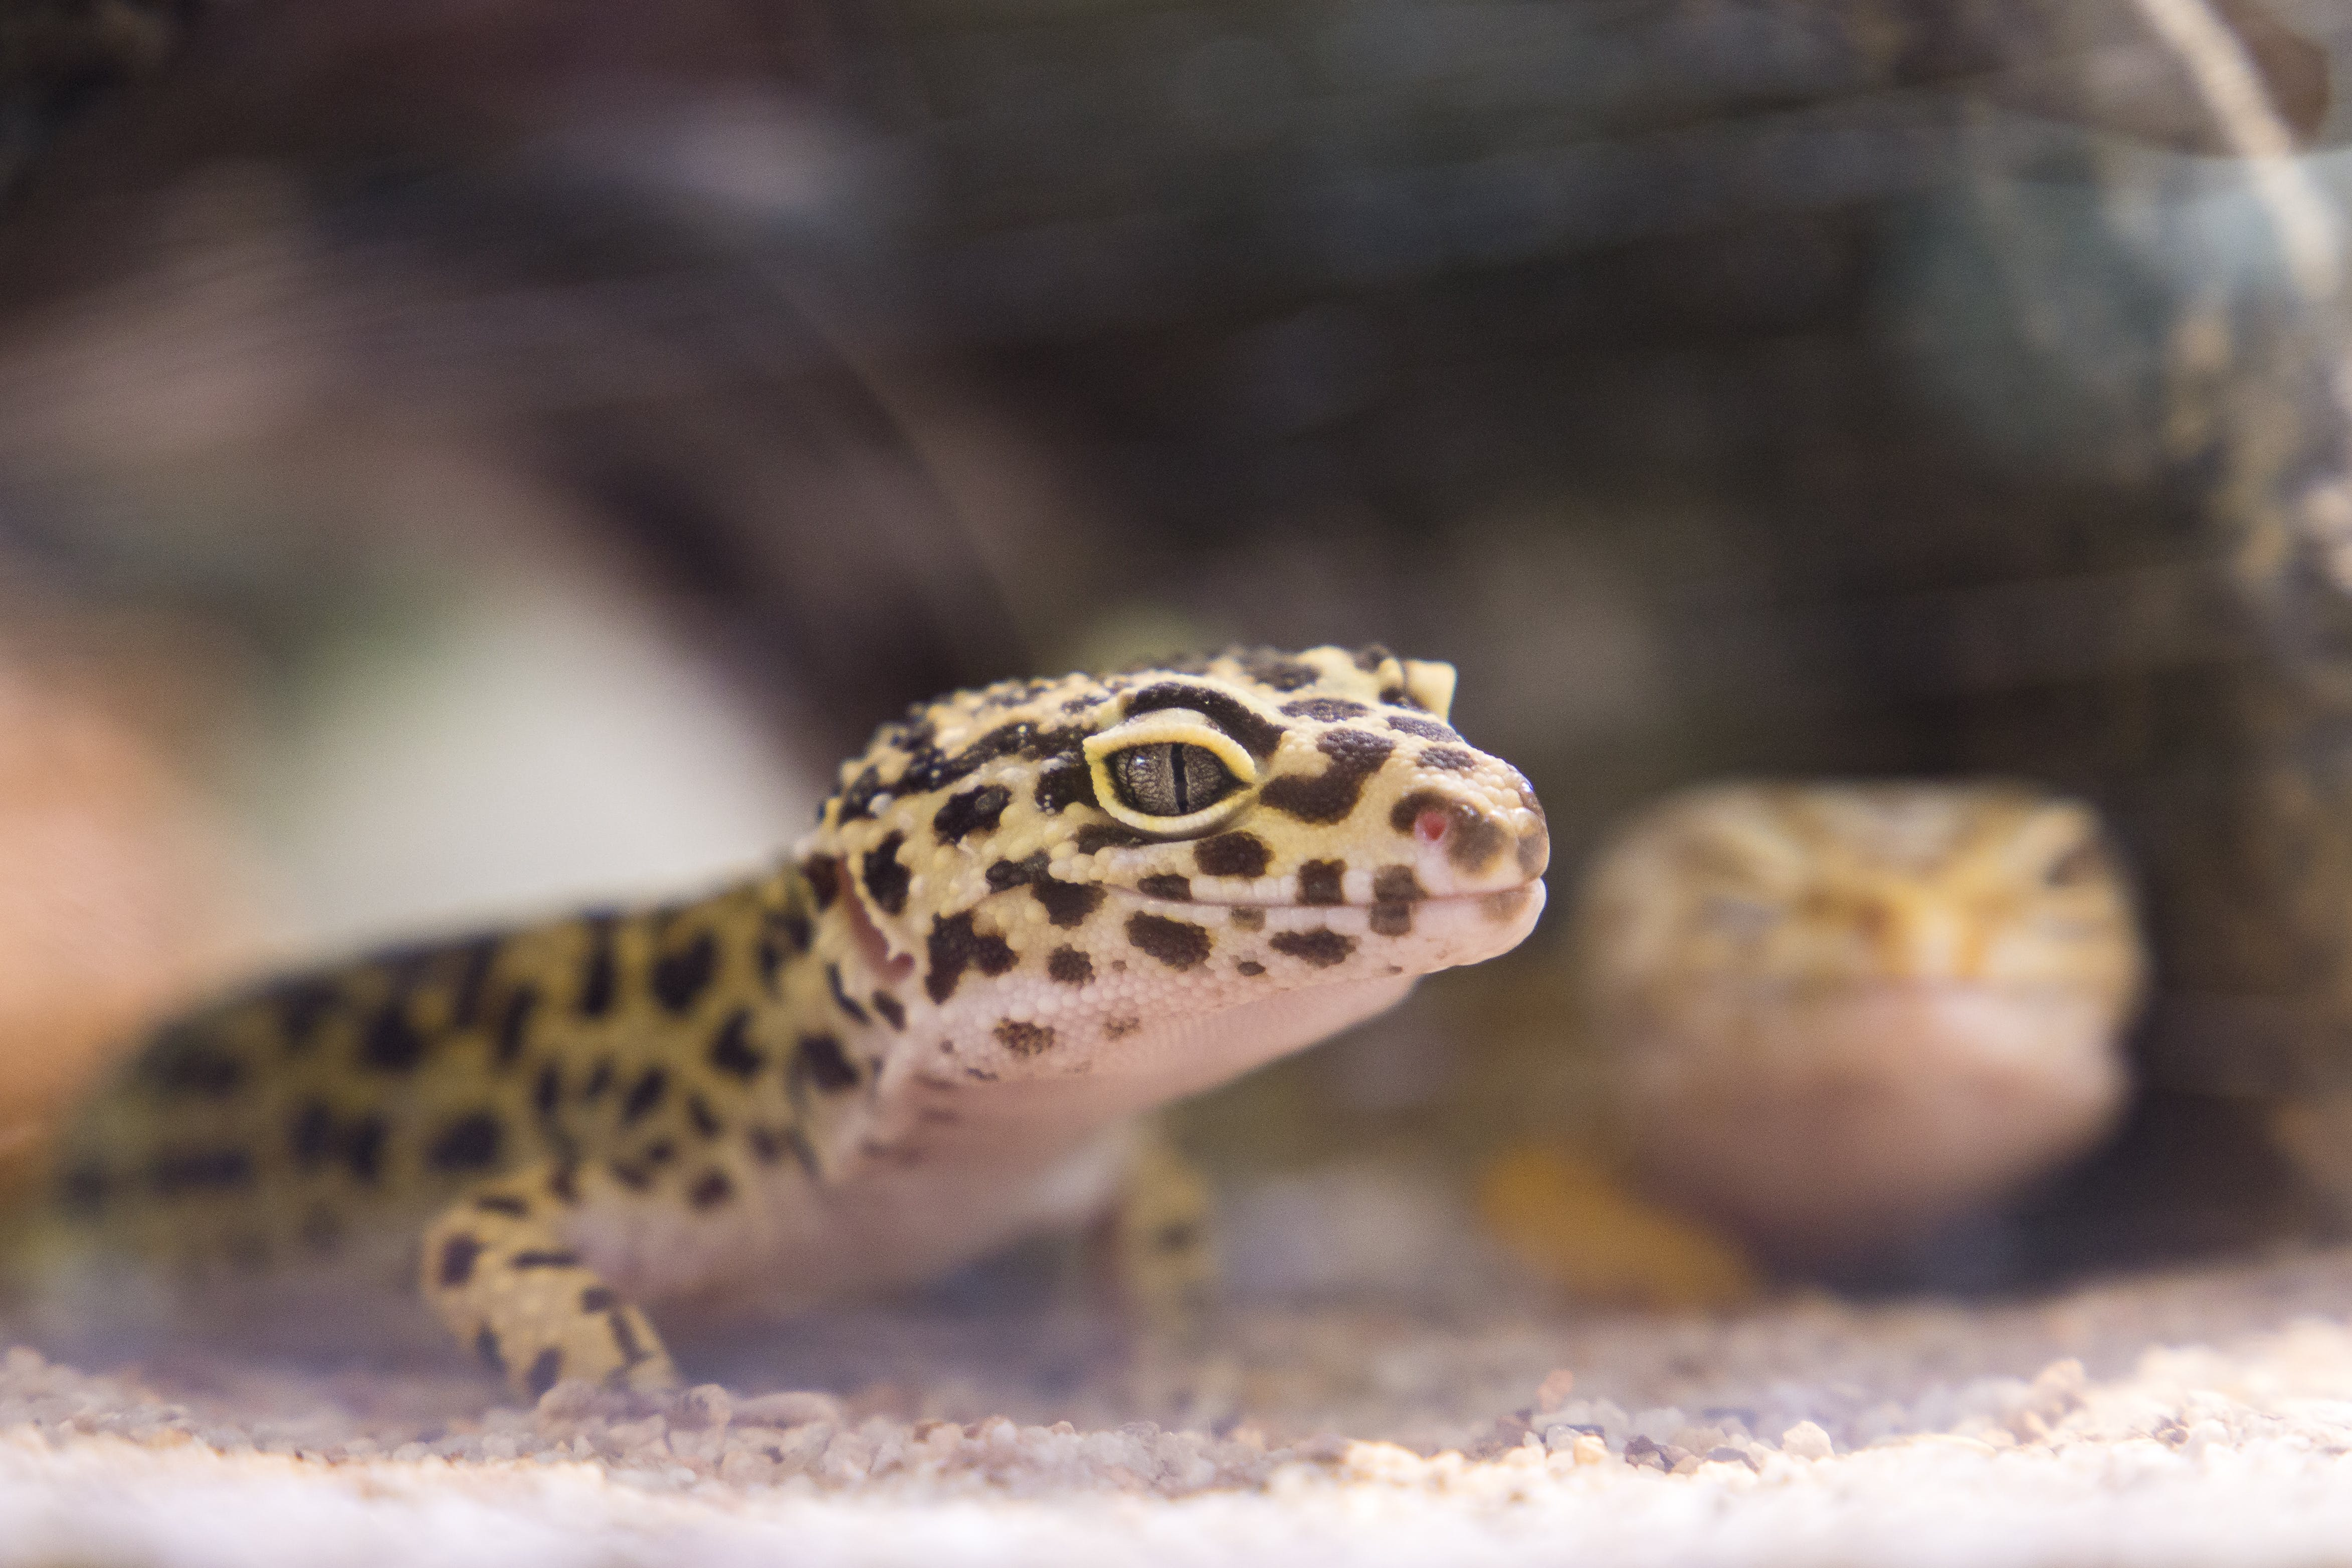 게코, 도마뱀, 동물, 멸종 위기 동물의 무료 스톡 사진